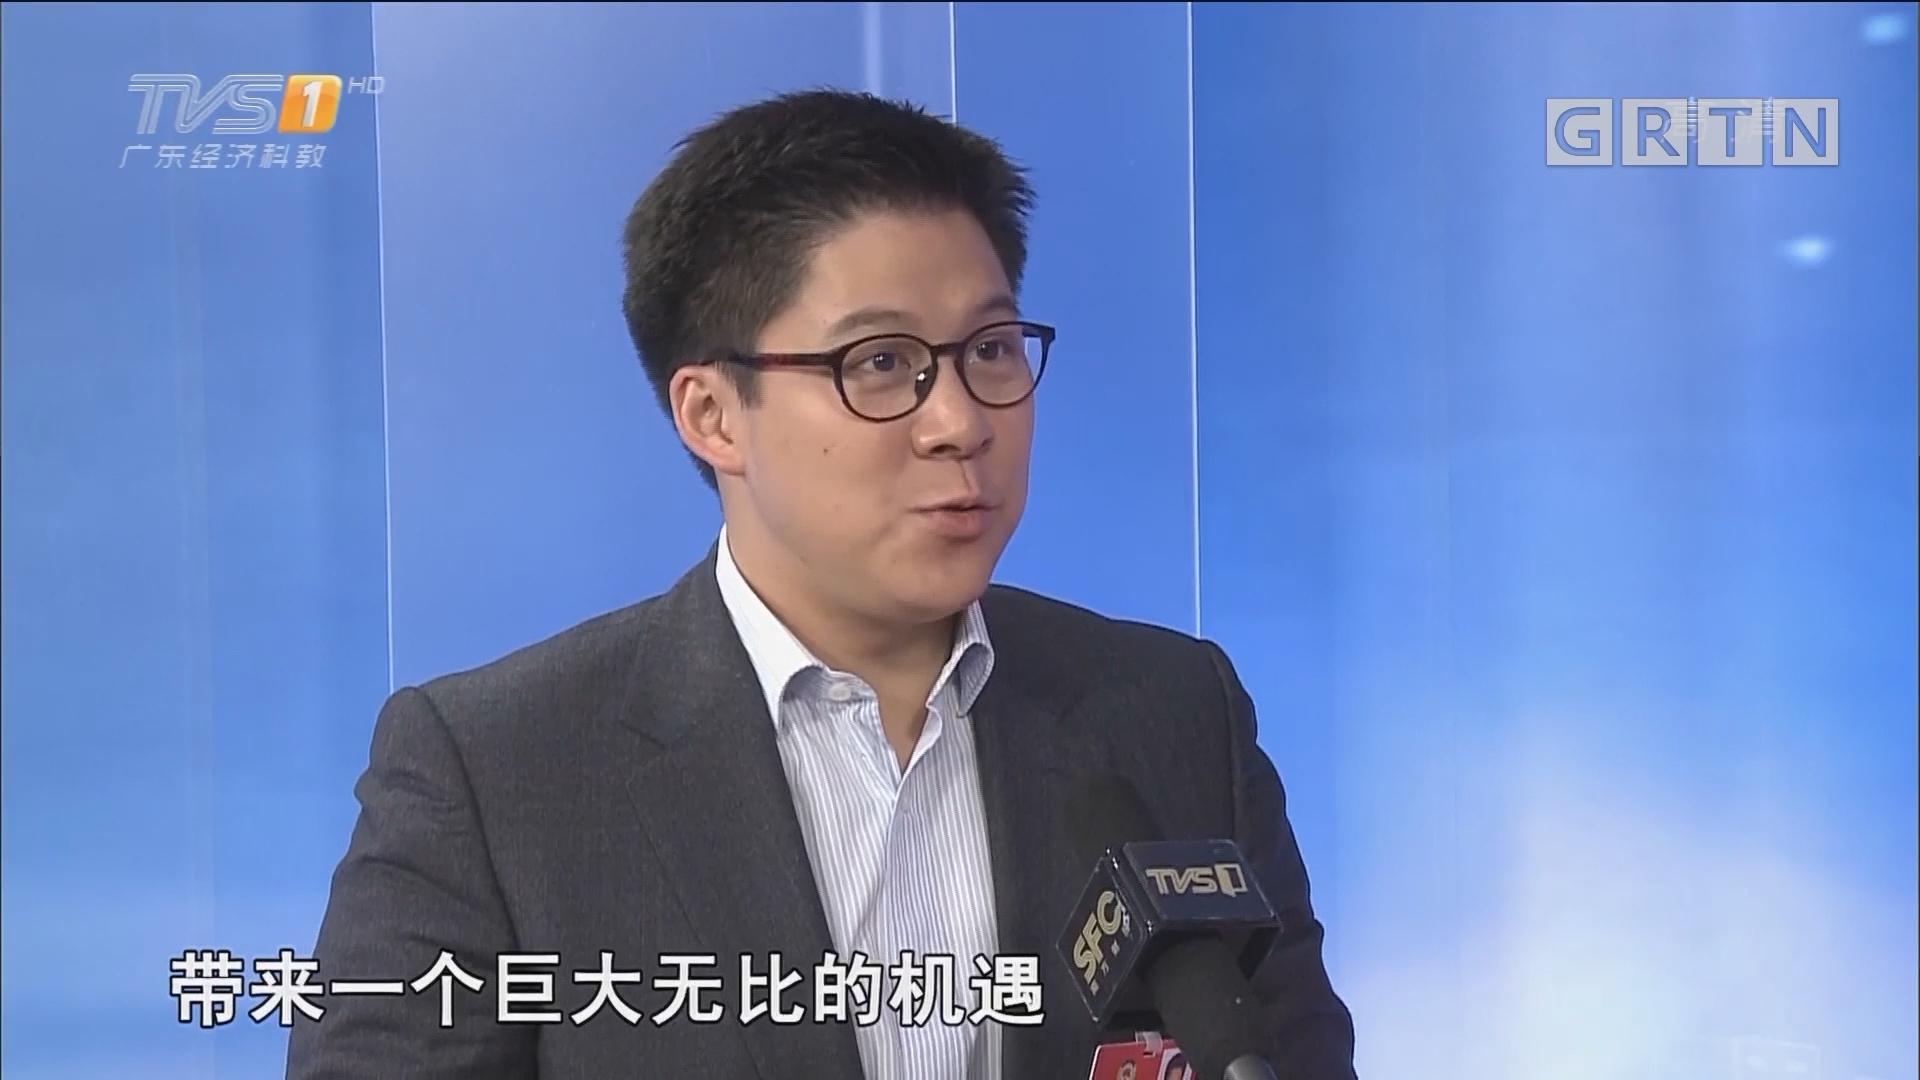 北京时间 专访全国政协委员霍启刚:香港青年要积极融入粤港澳大湾区建设